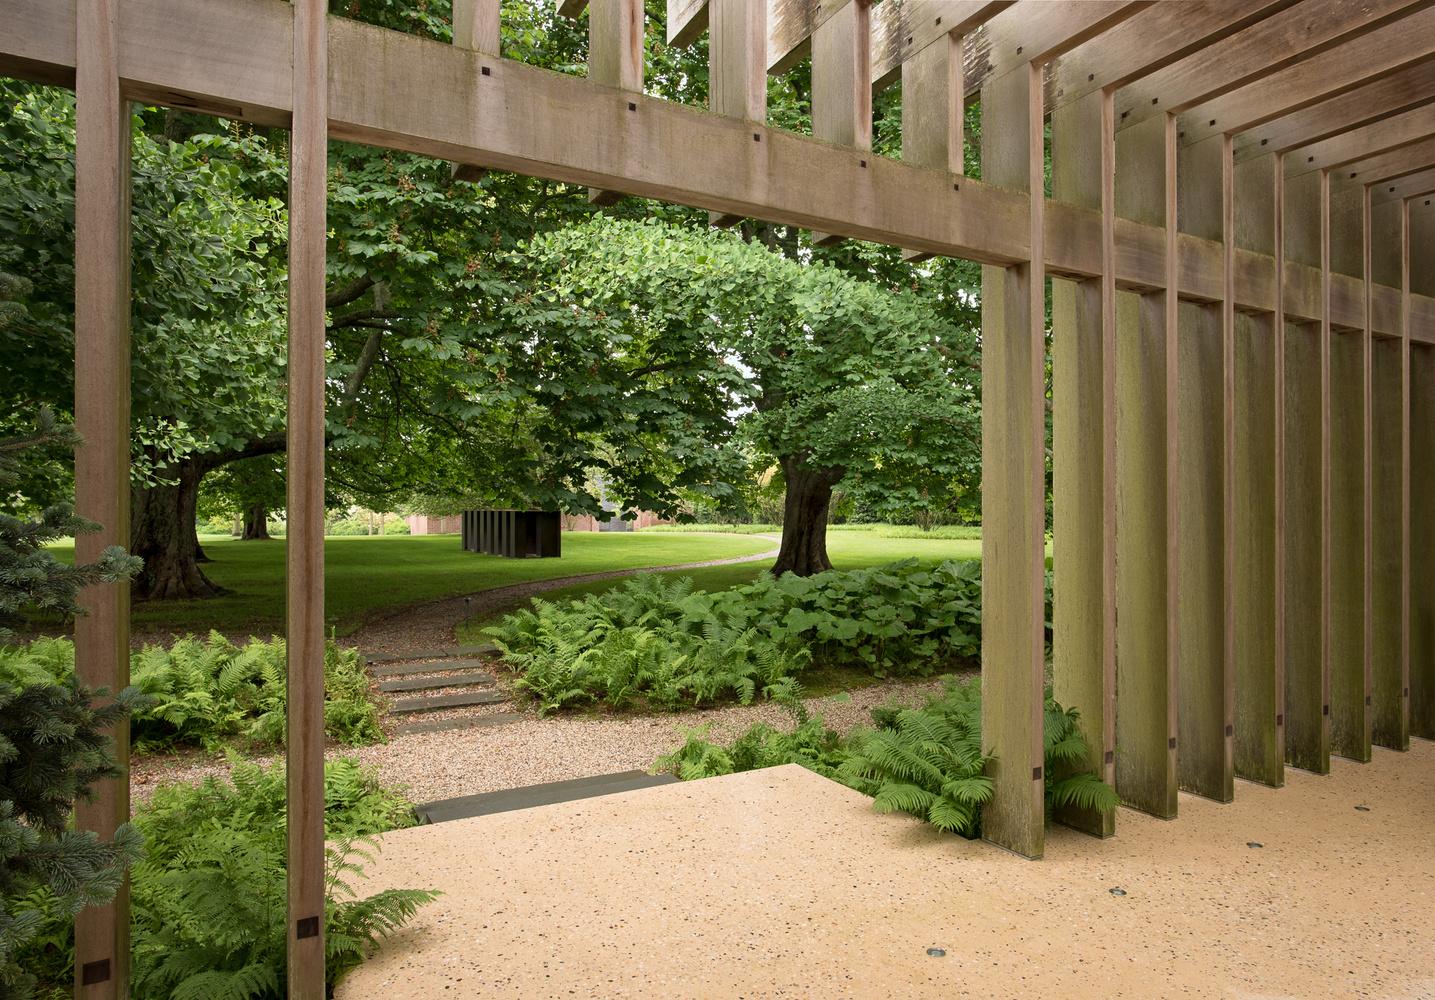 Noguchi Garden Pavilion, View to Art Walk by Graham Hebel